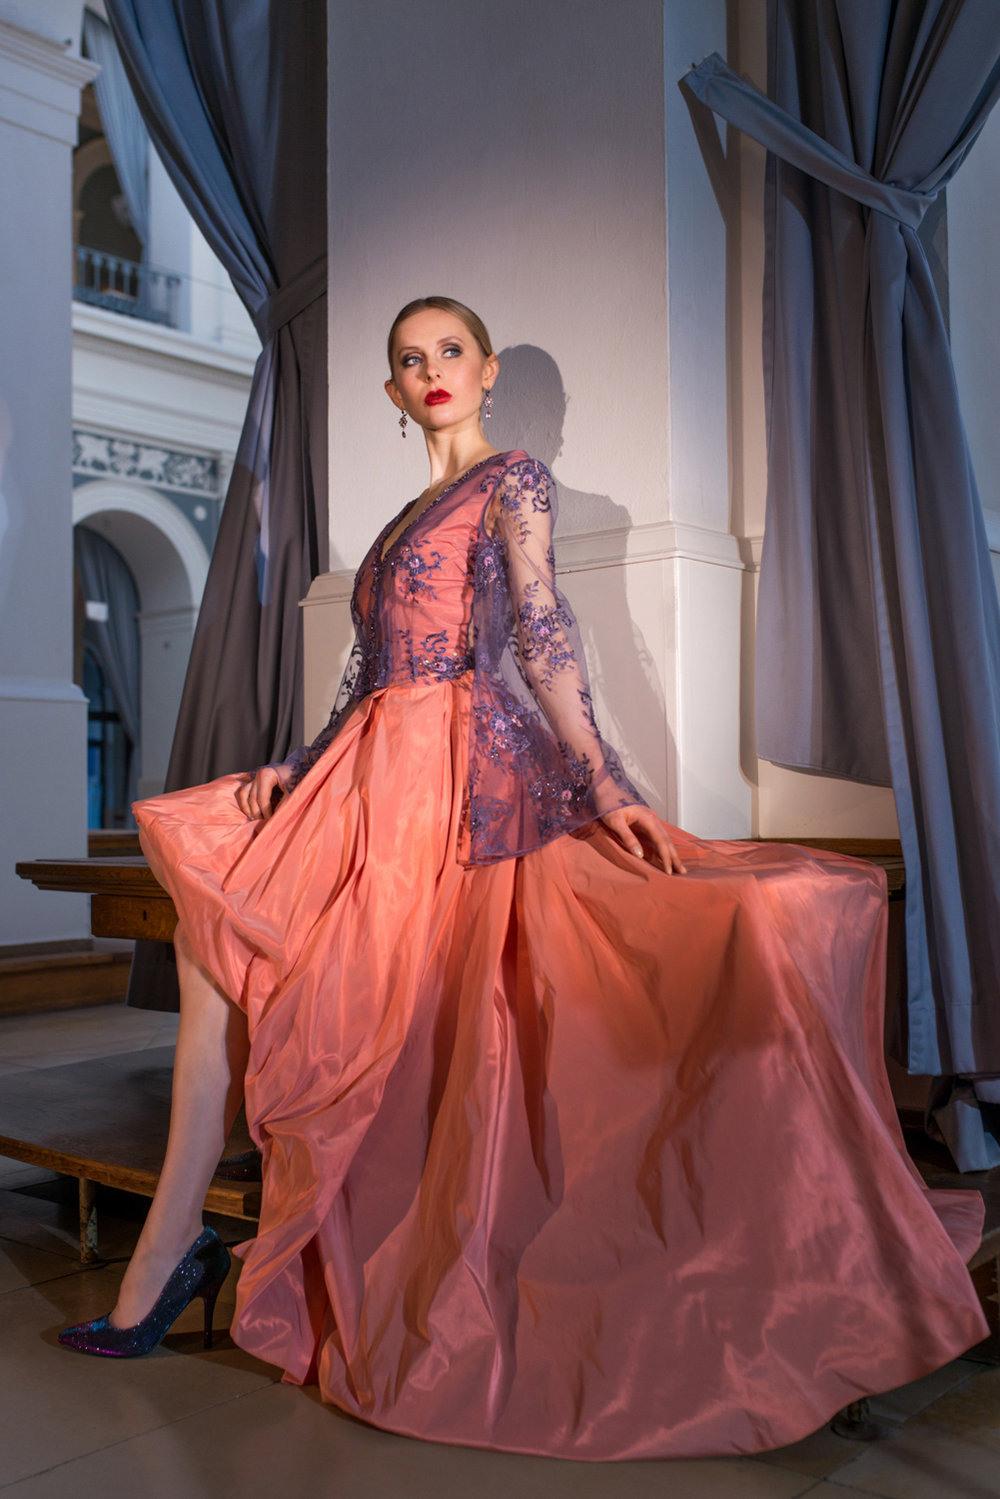 13 Leicht Designer Abendkleid Stylish15 Ausgezeichnet Designer Abendkleid Bester Preis